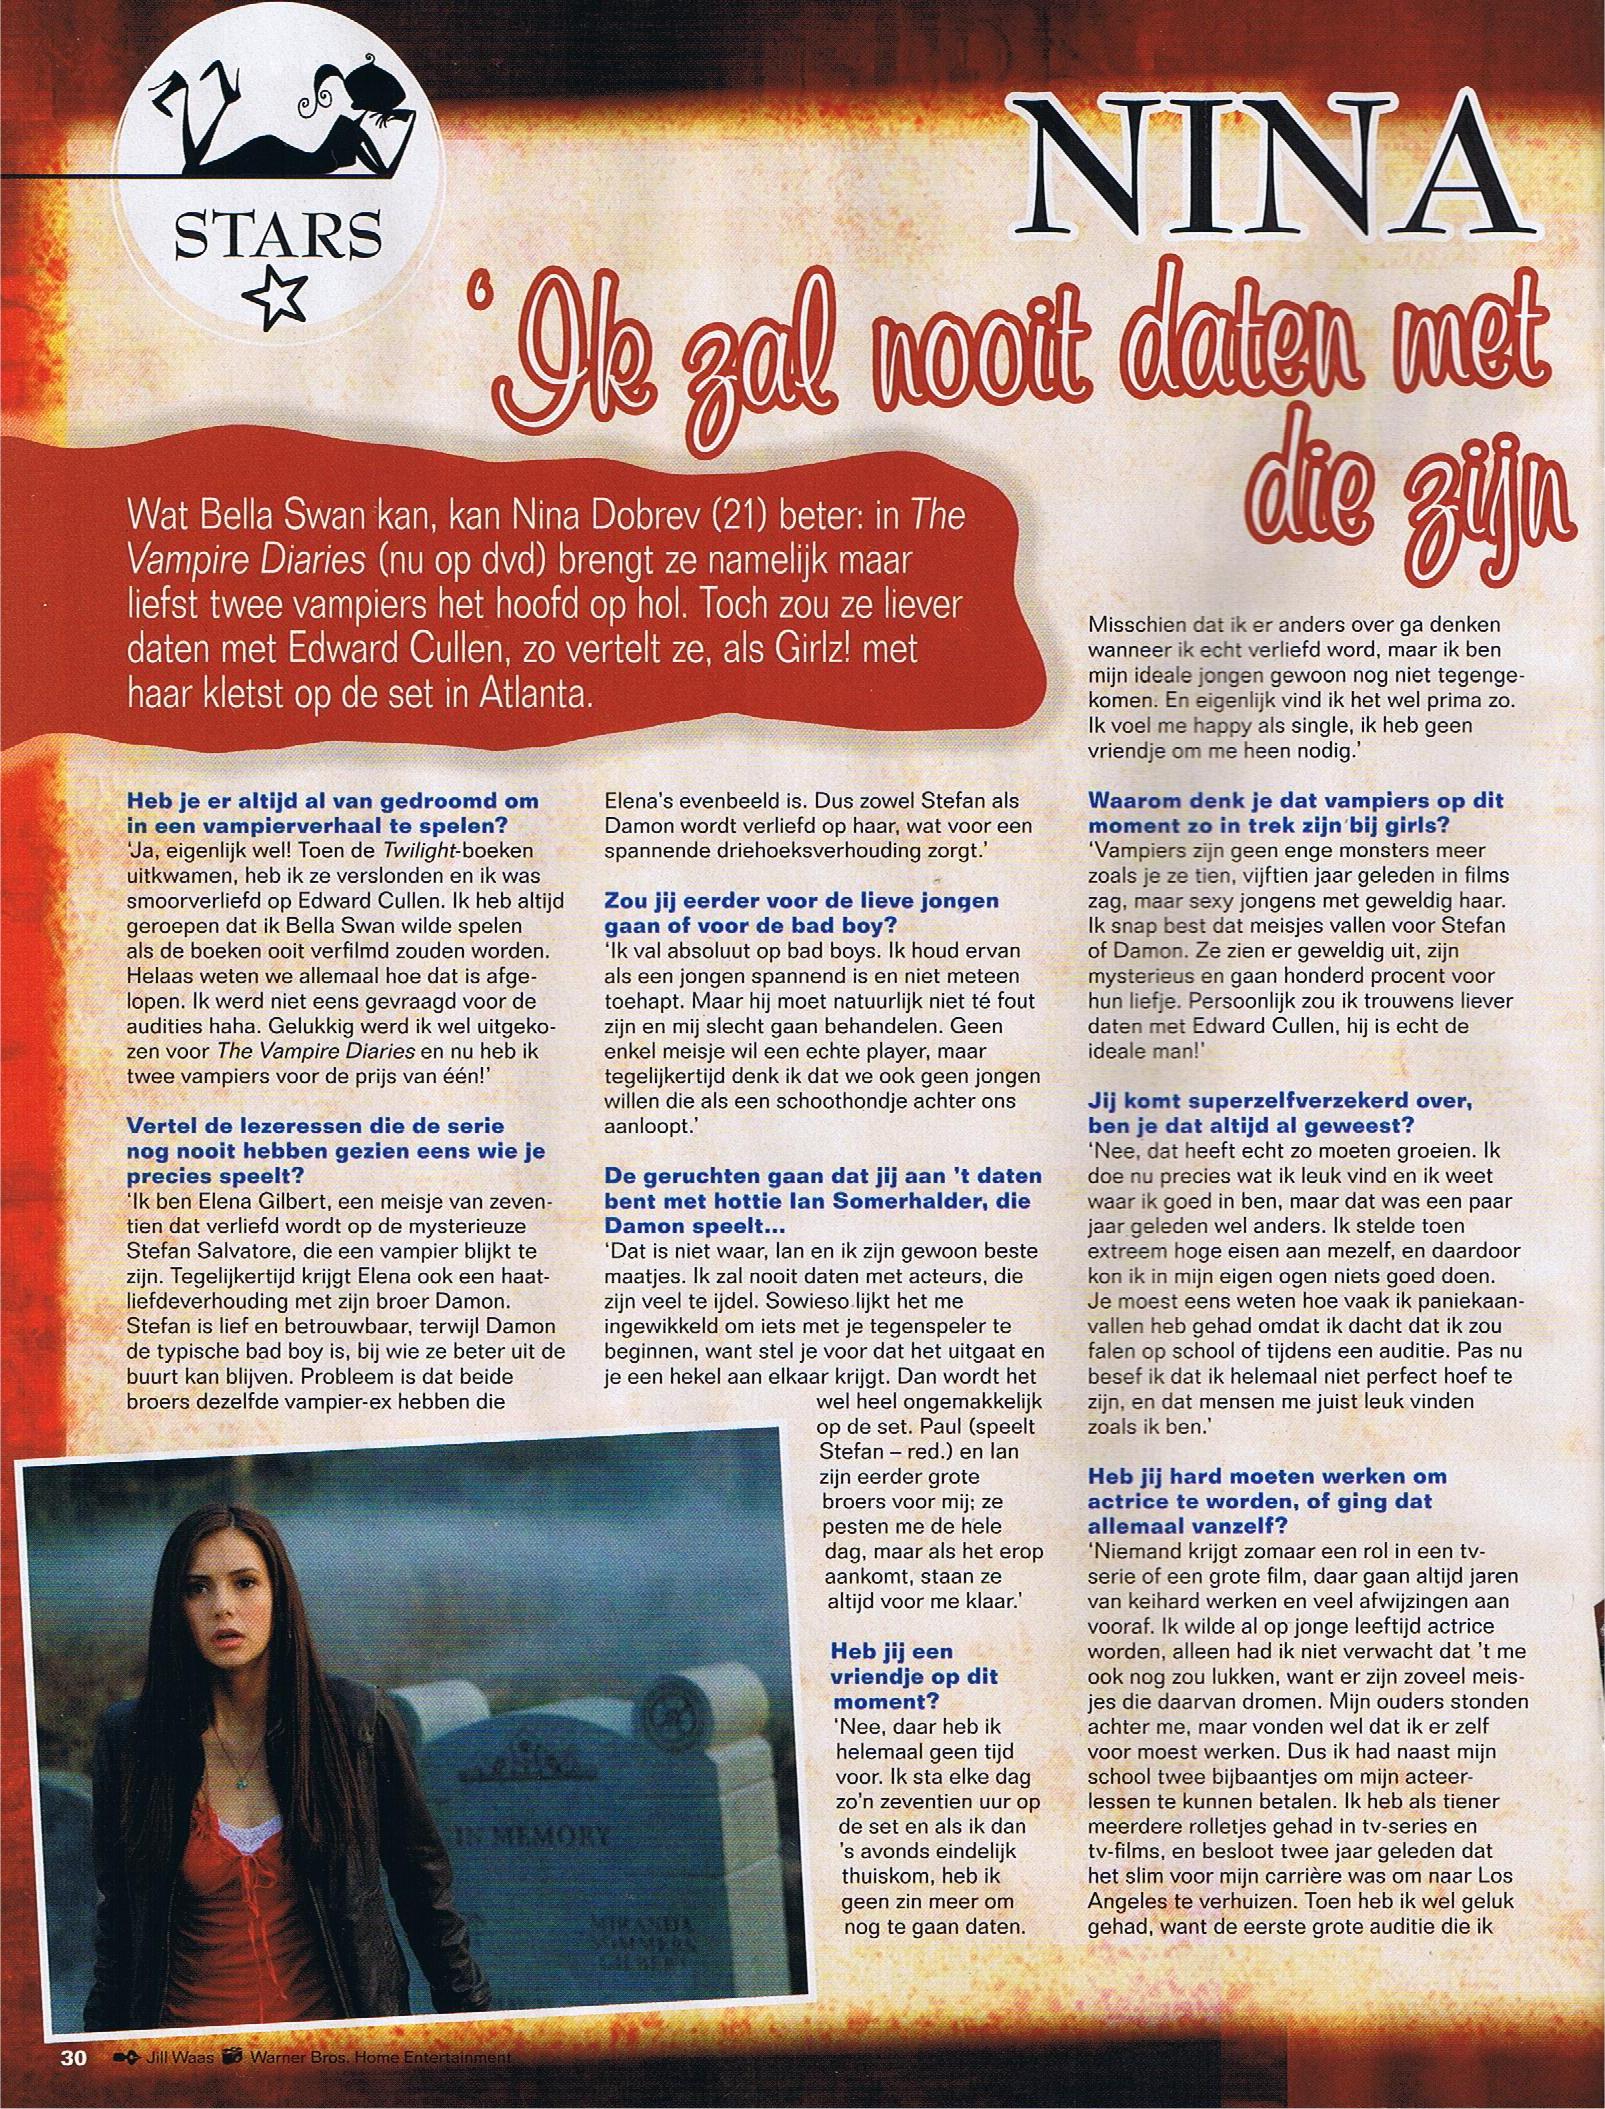 is Bella en Edward dating in het echte leven vriendin gebruikt nog steeds dating site